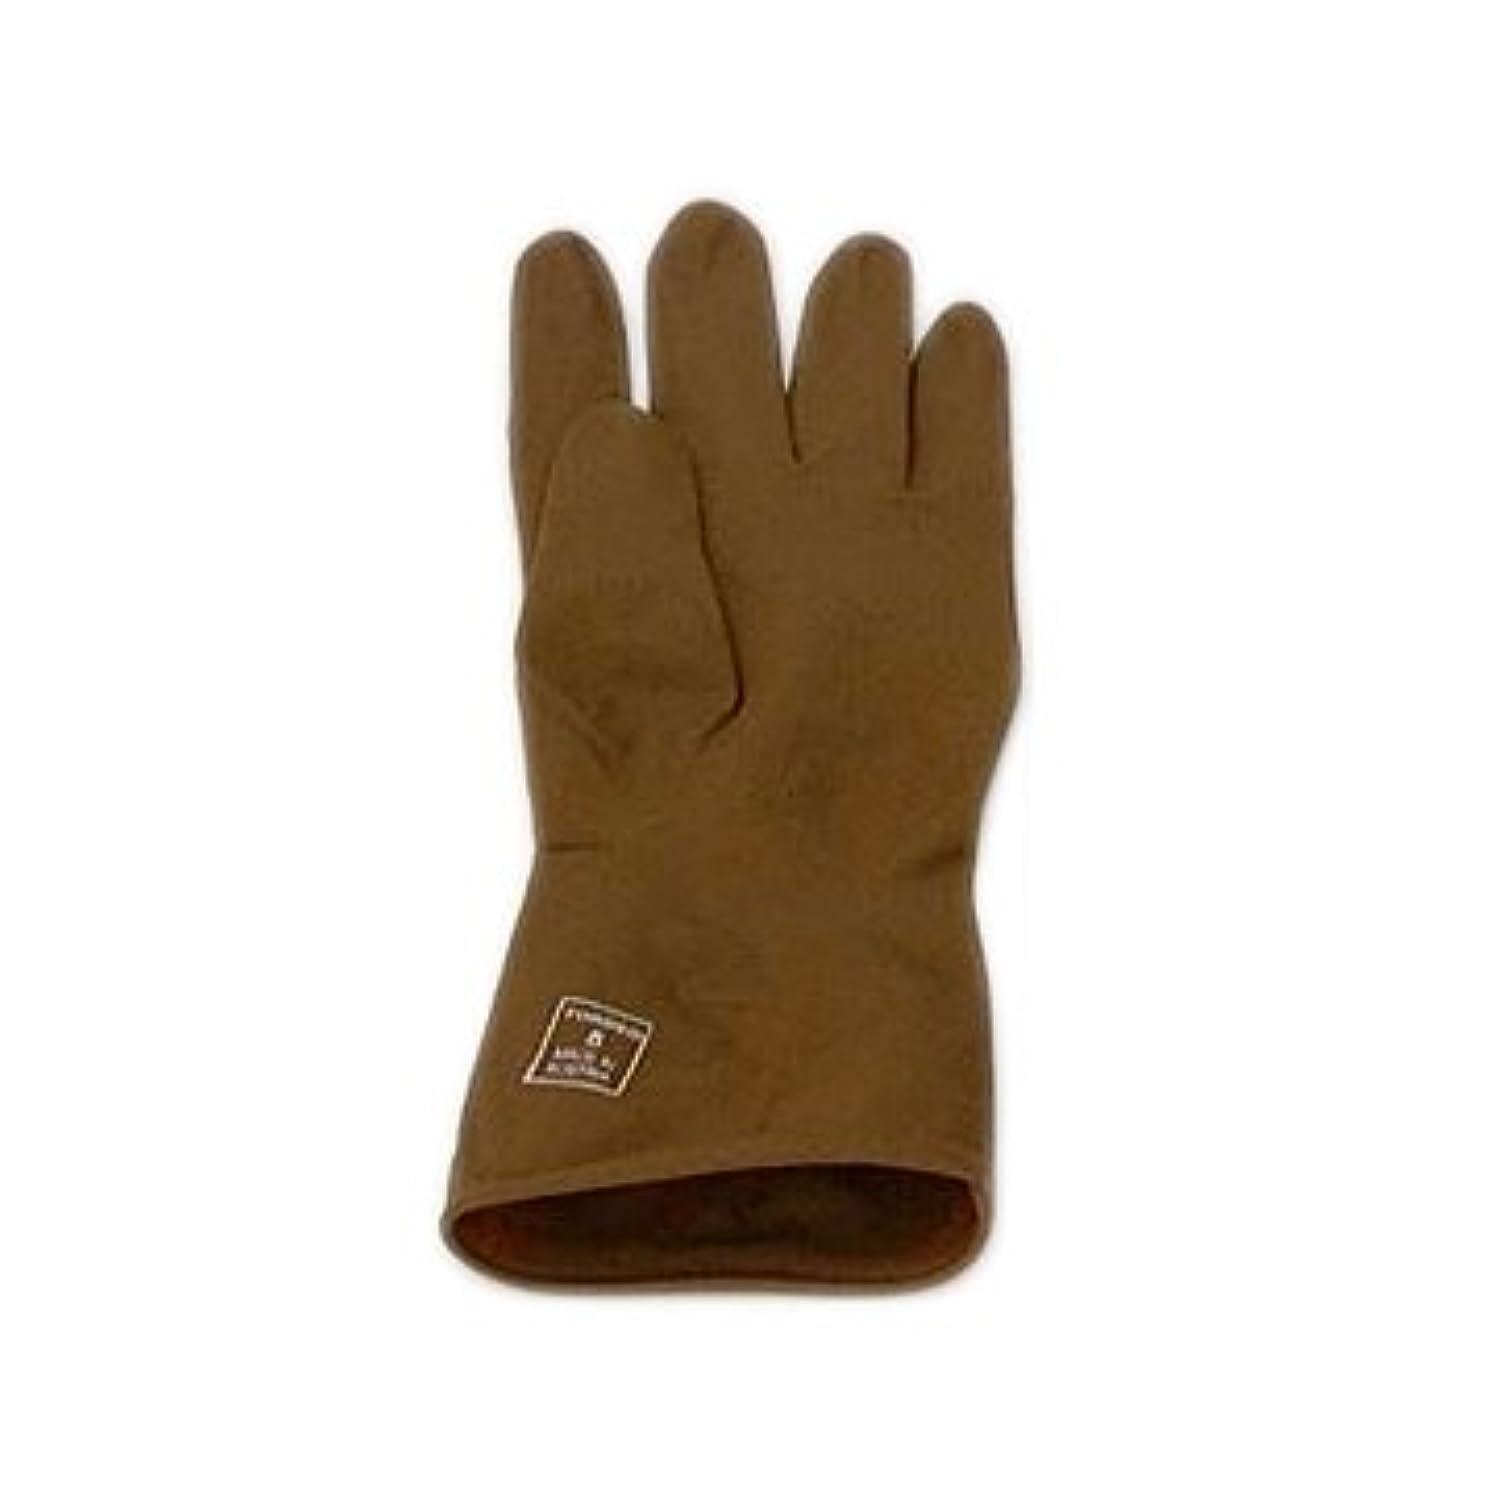 寛解シニス準備したトンデオ ゴム手袋 8.5インチ